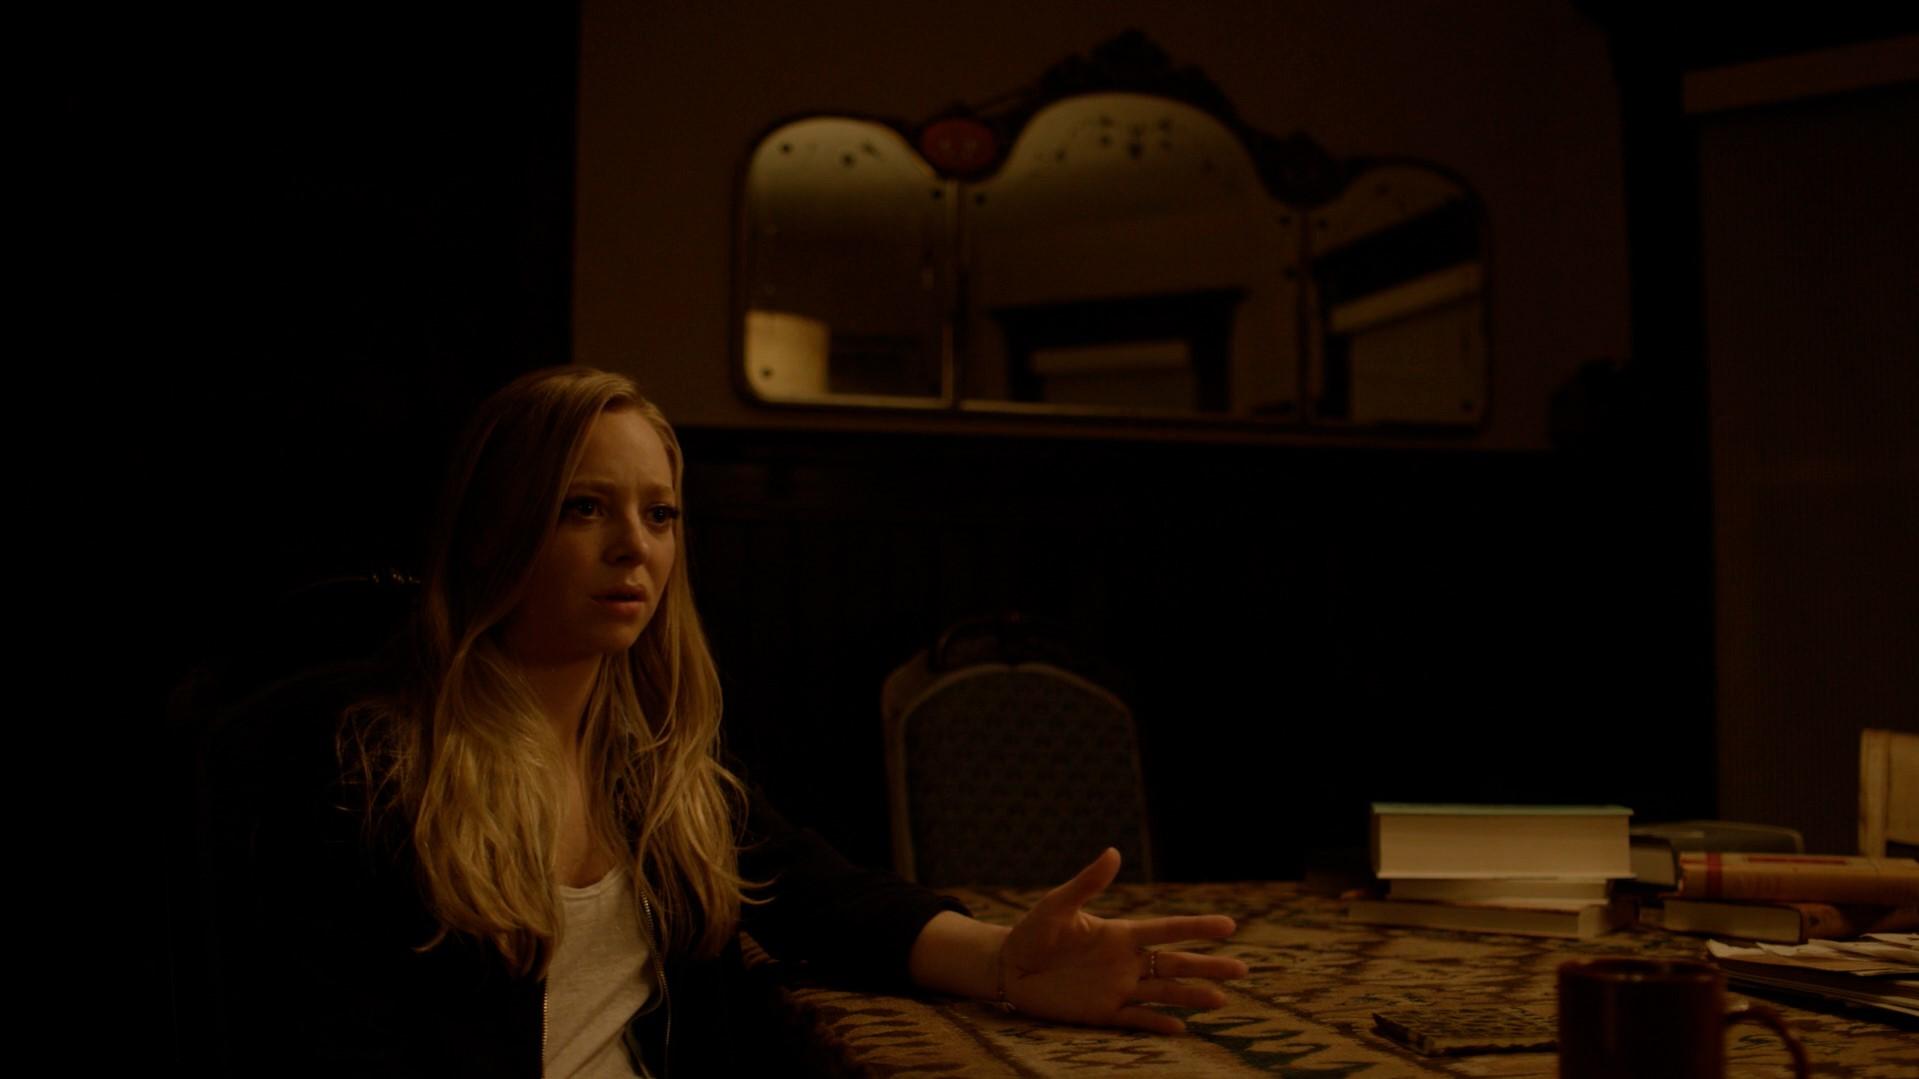 Angela sentada em uma mesa com uma pose argumentativa